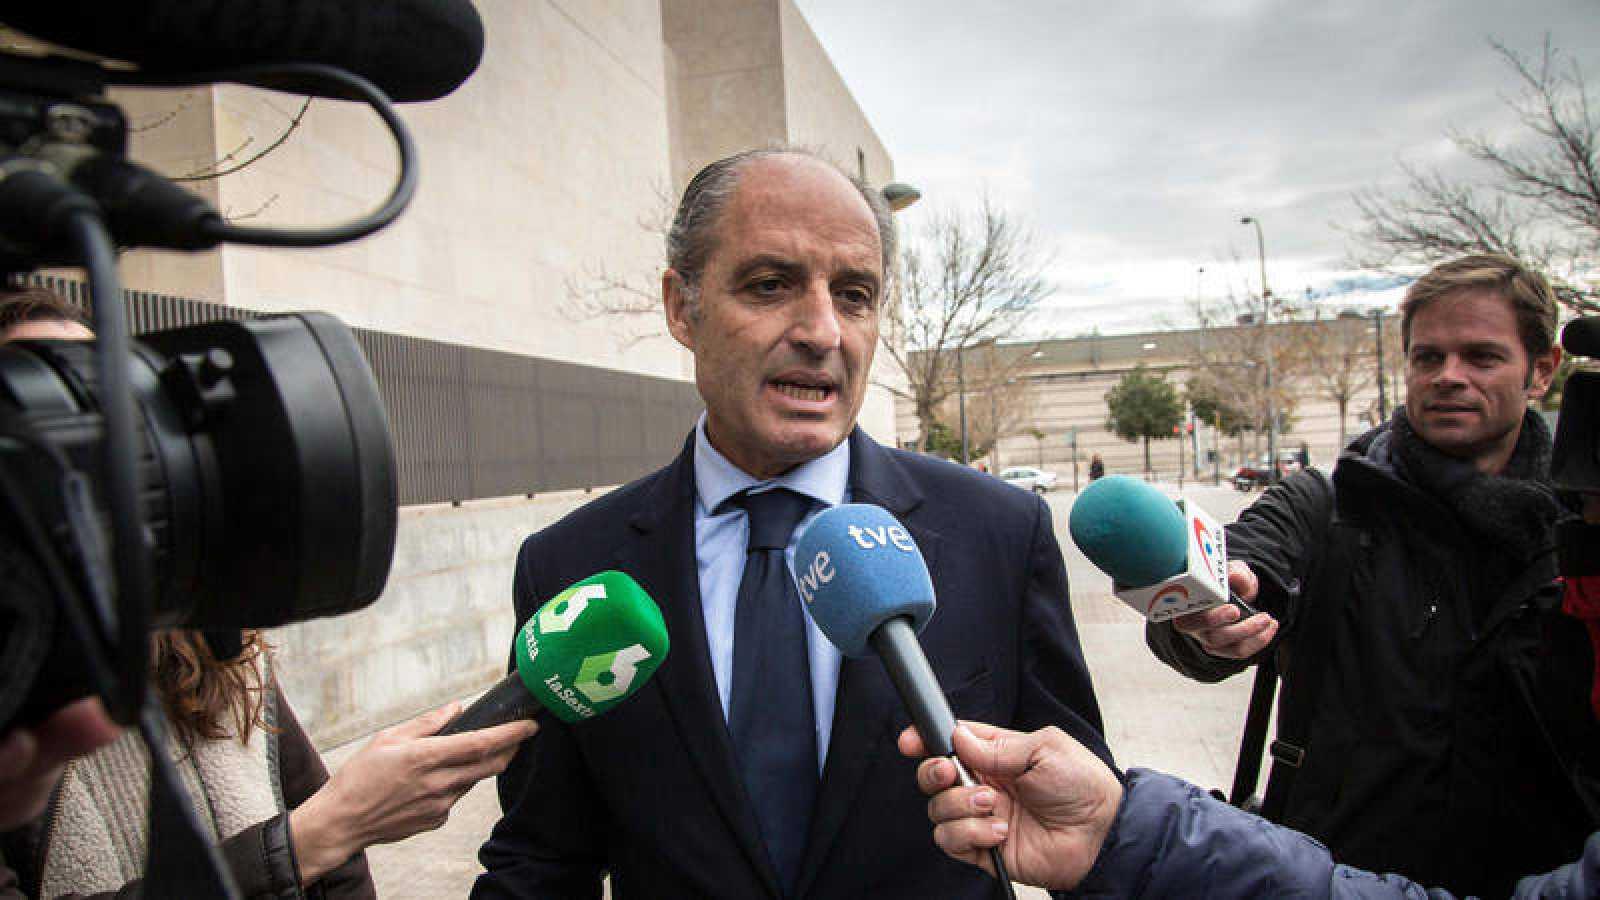 El expresidente de la Generalitat Valenciana Francisco Camps a su llegada a la Ciudad de la Justicia